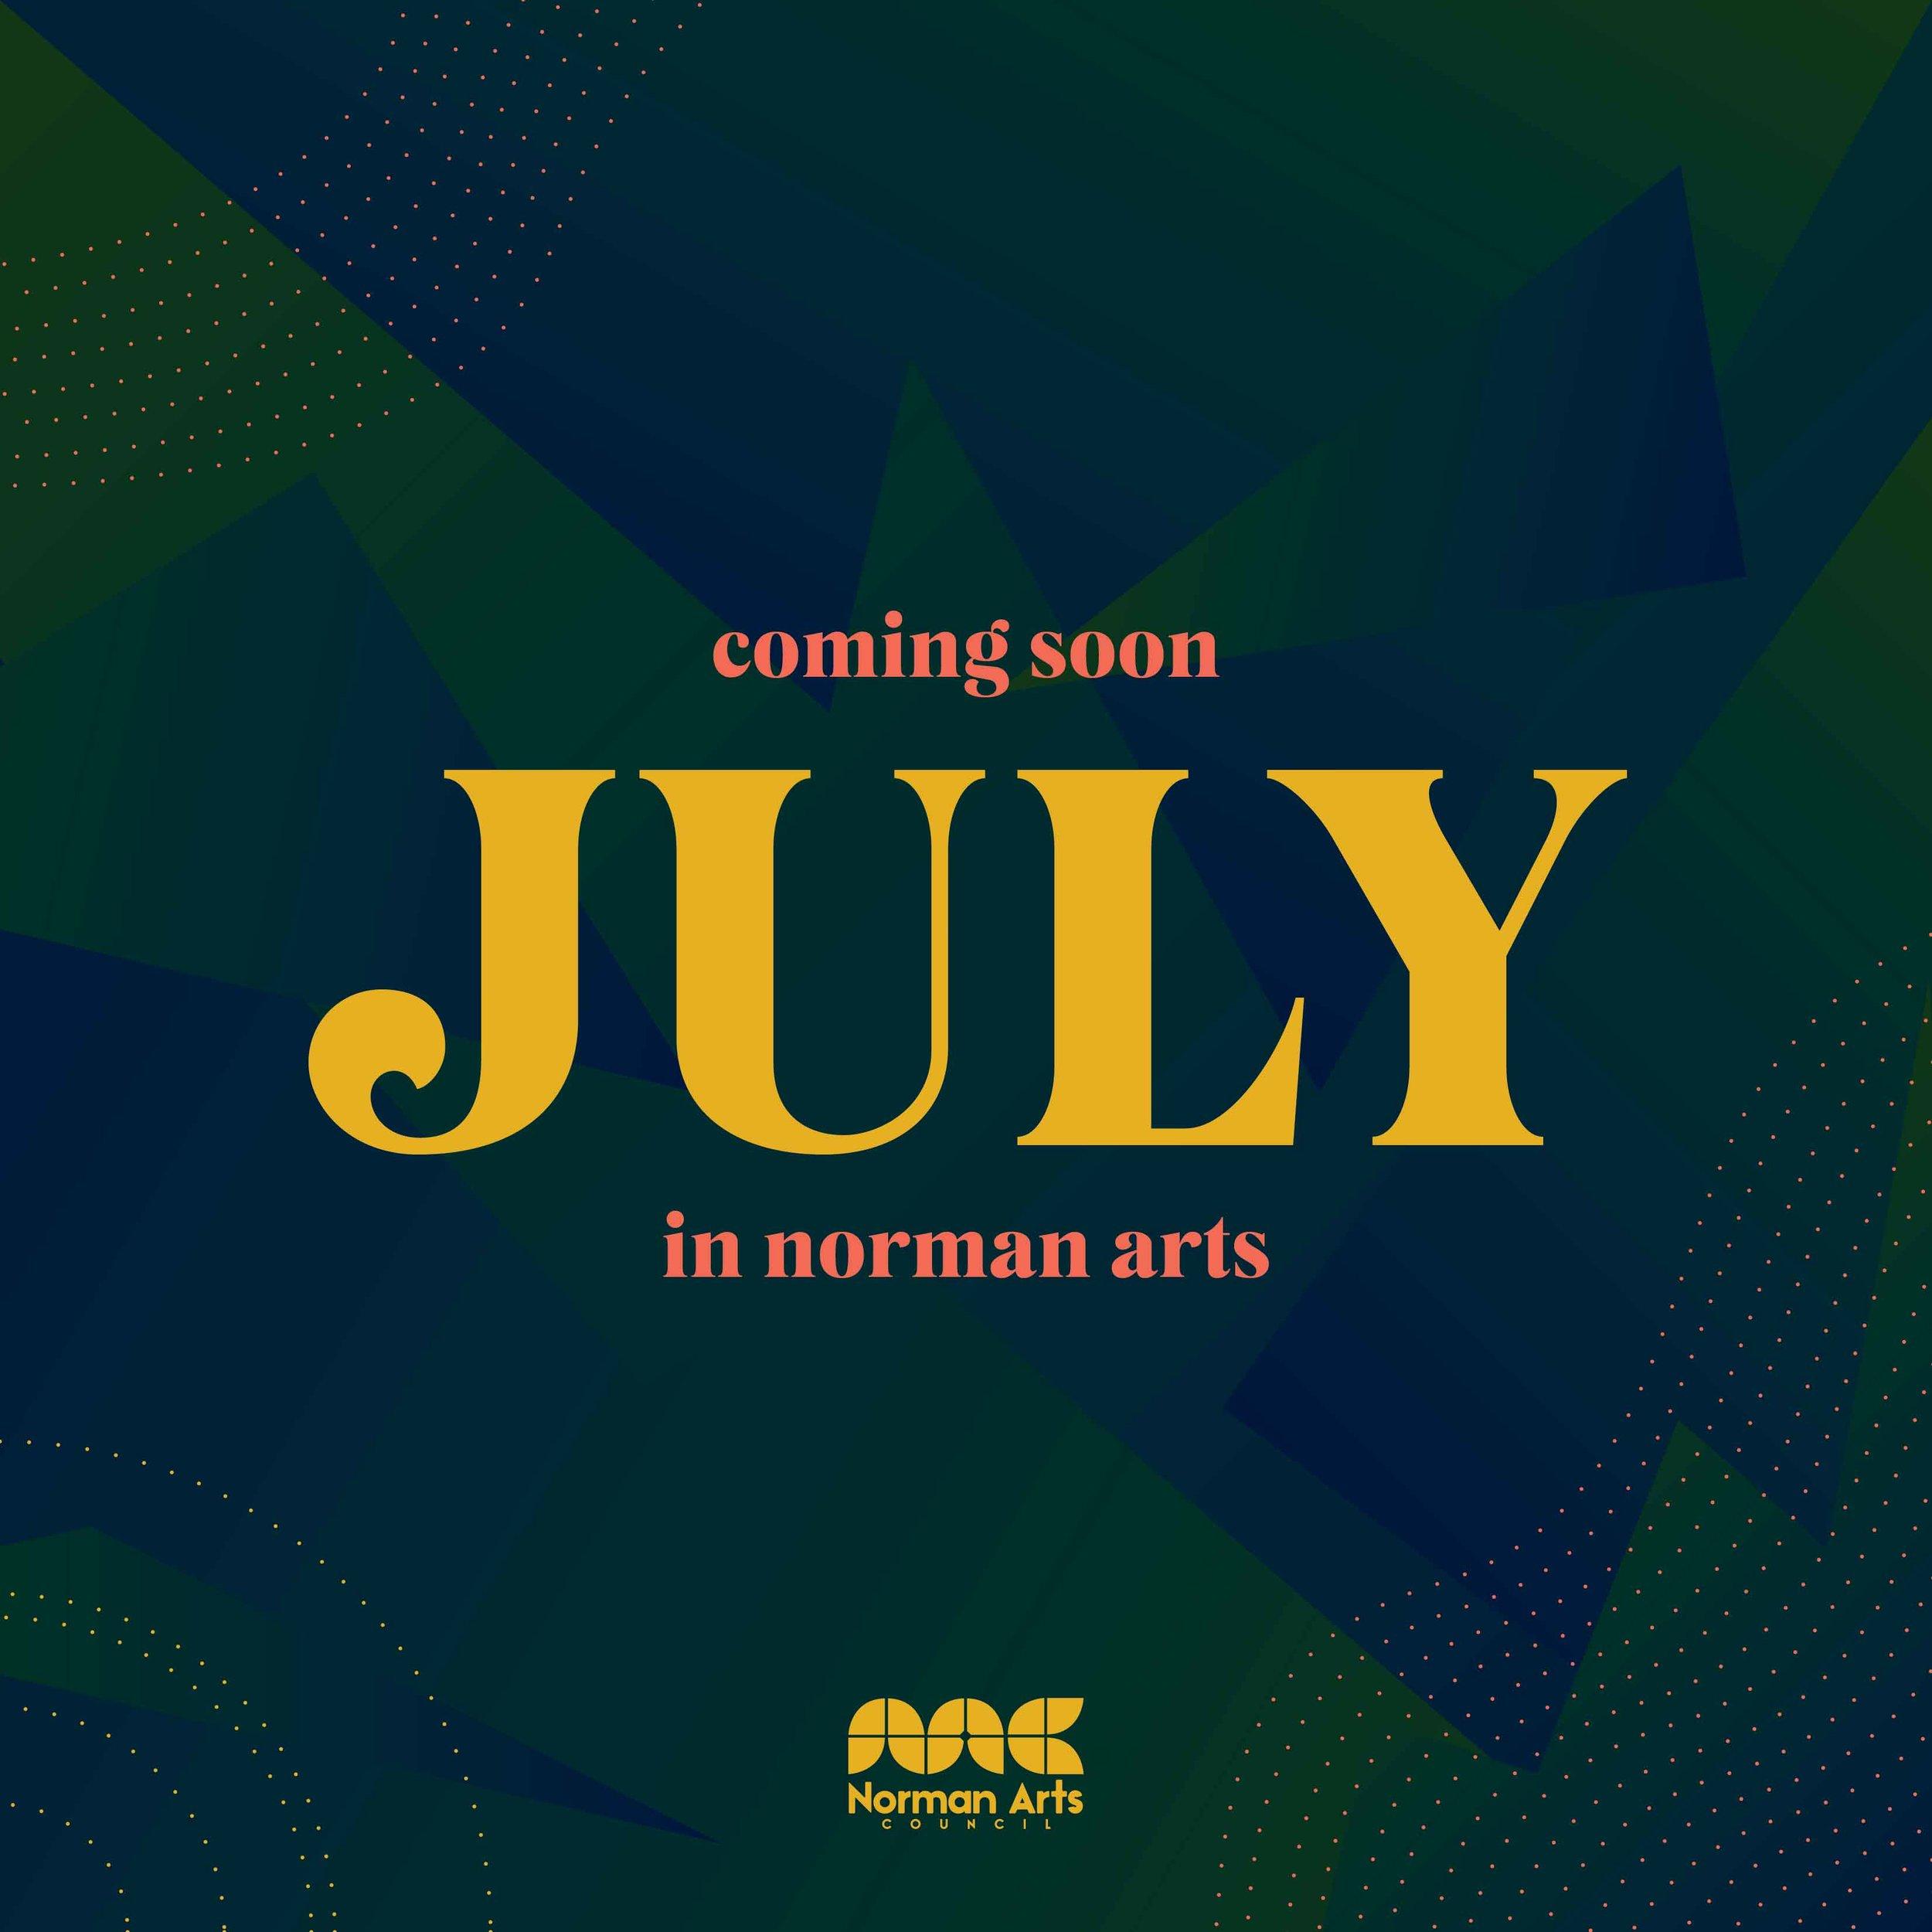 Coming Soon July-01.jpg